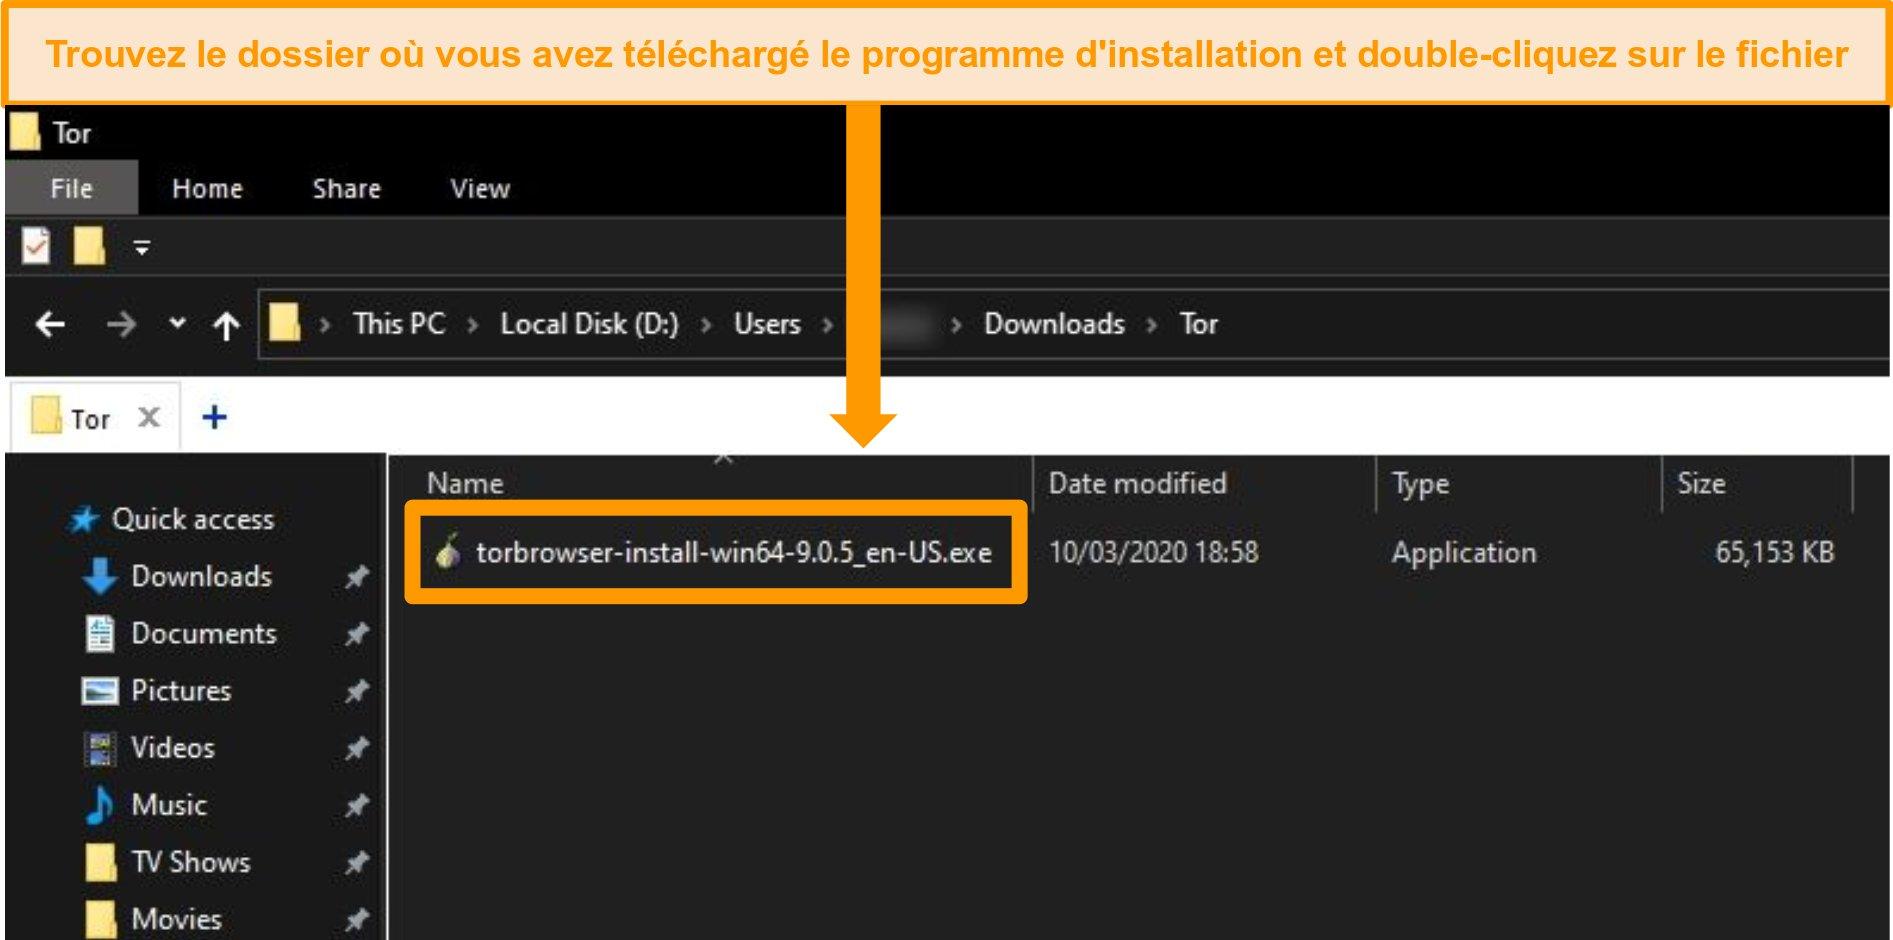 Capture d'écran du programme d'installation de Tor dans le dossier de téléchargement sur Windows 10